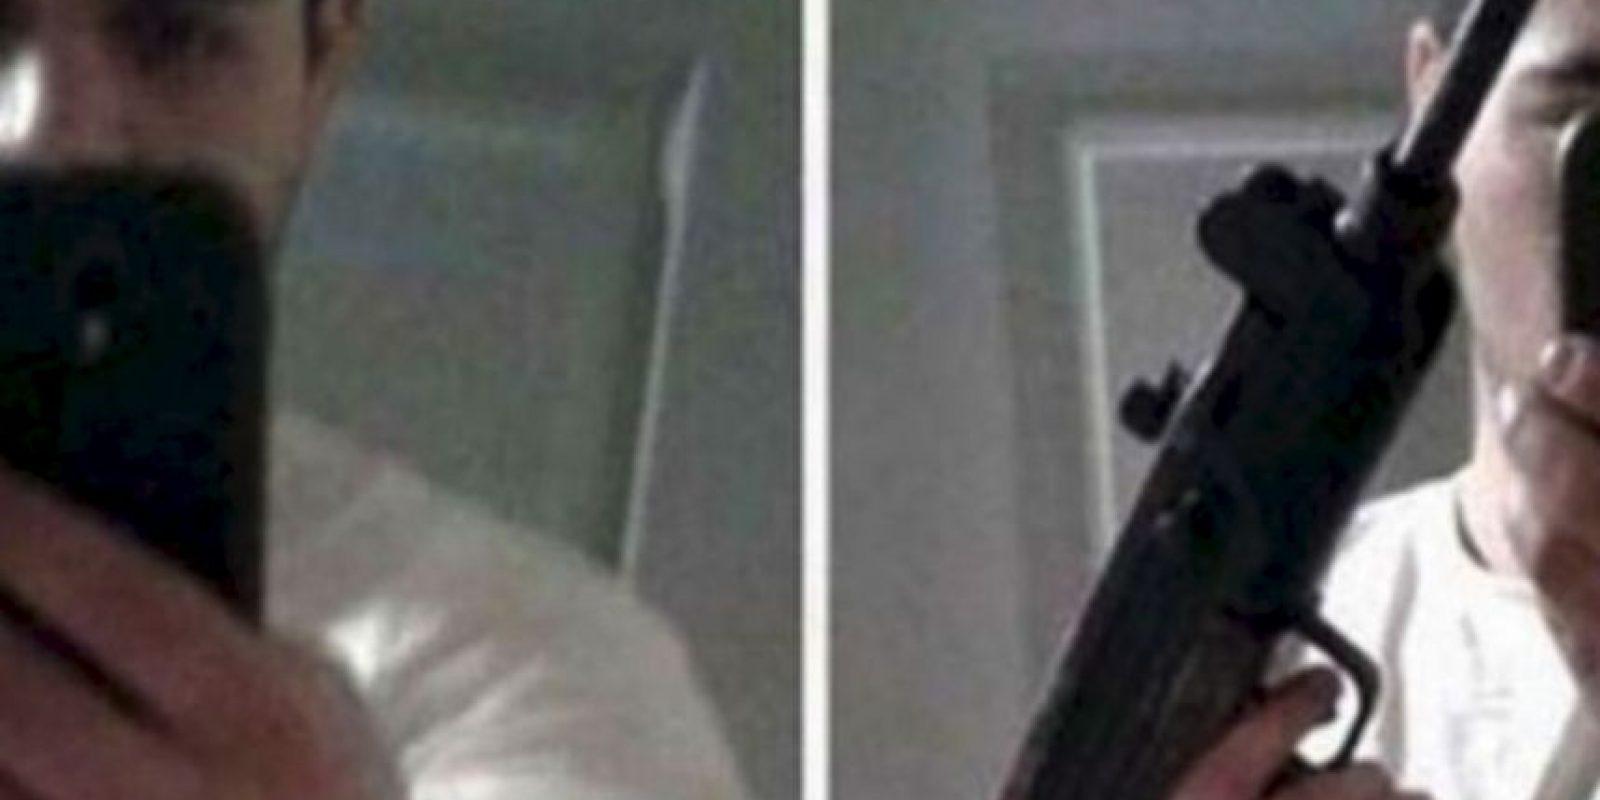 Este joven decidió publicar este selfie mientras sostenía la ametralladora que utilizó en el robo a un banco Foto:Twitter